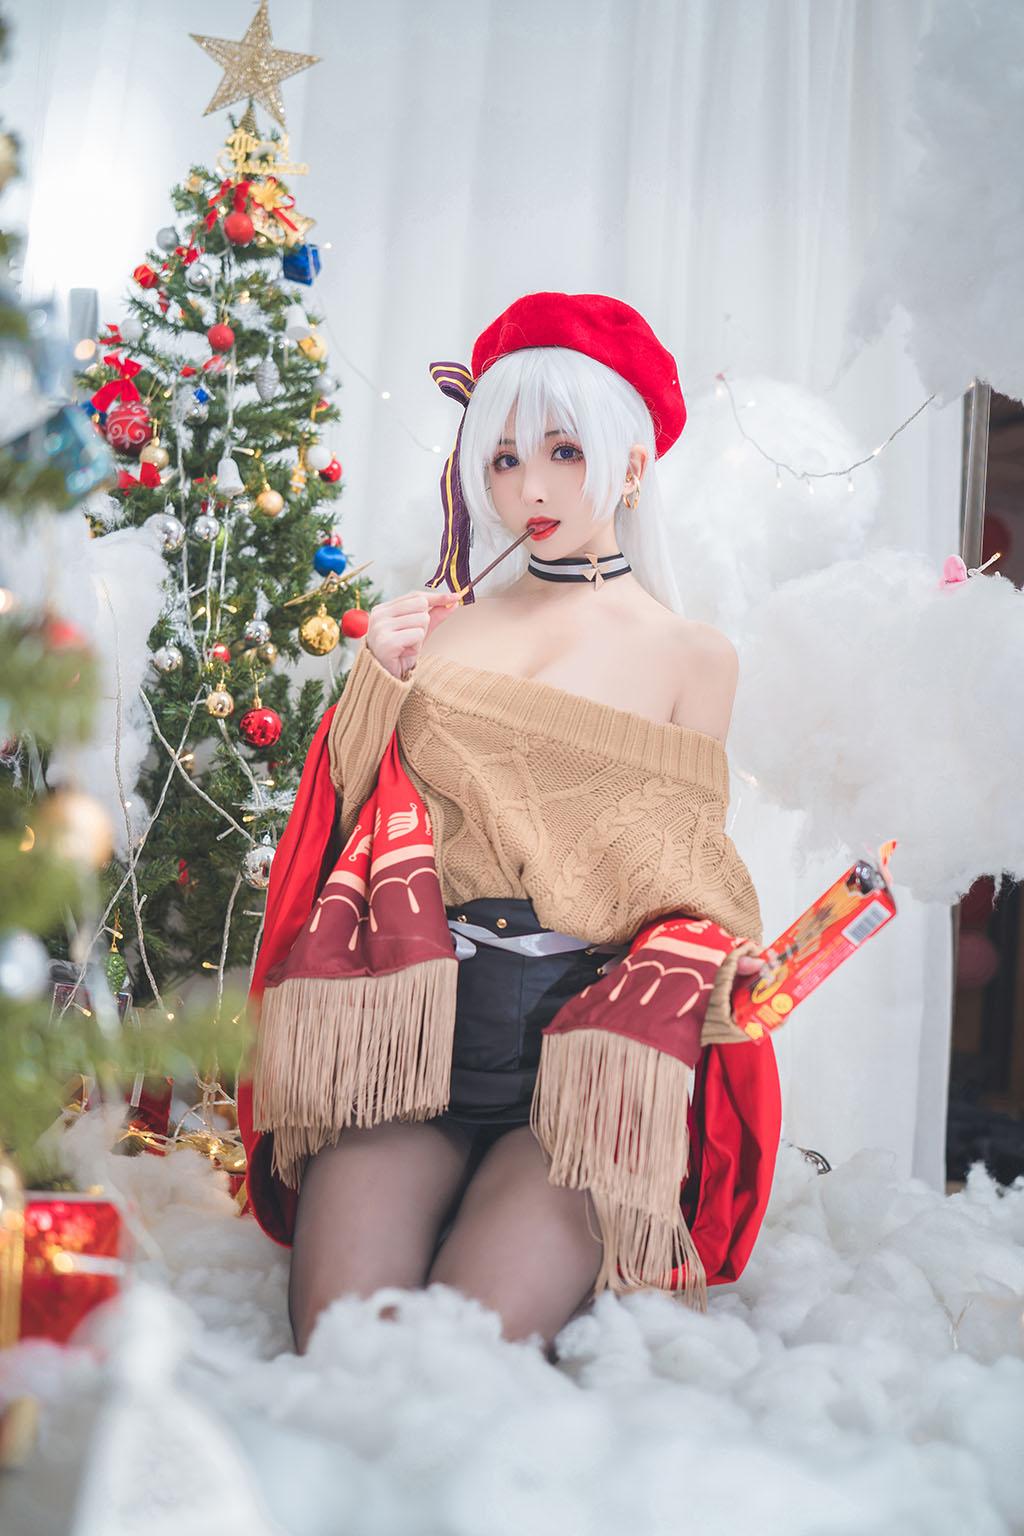 rioko凉凉子 圣诞贝尔法斯特-大鹏资源网